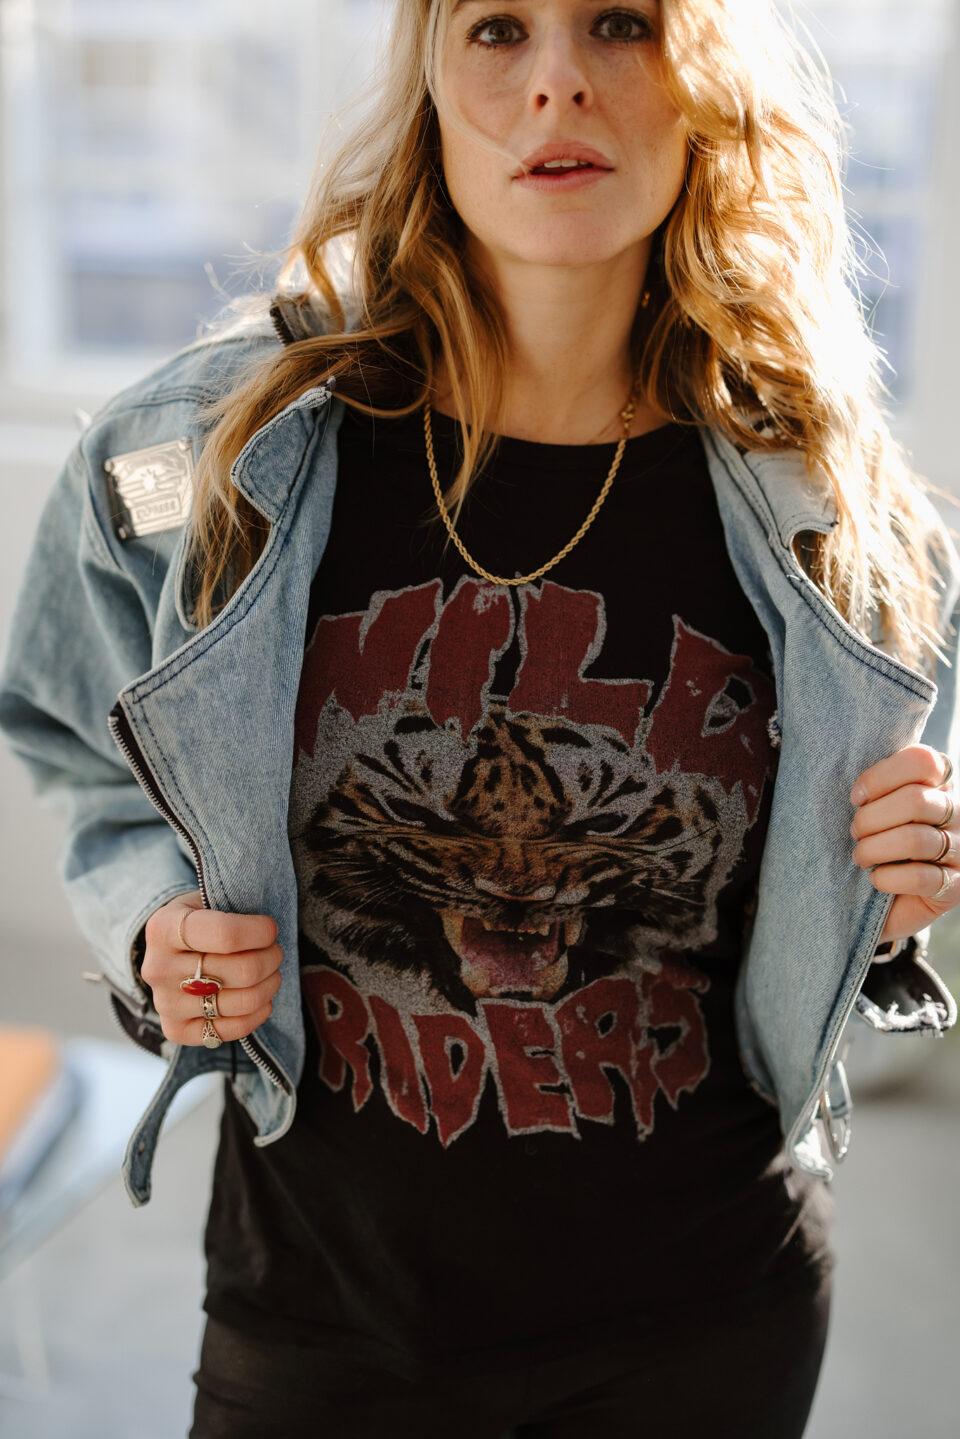 Meisje poseert met bikershirt